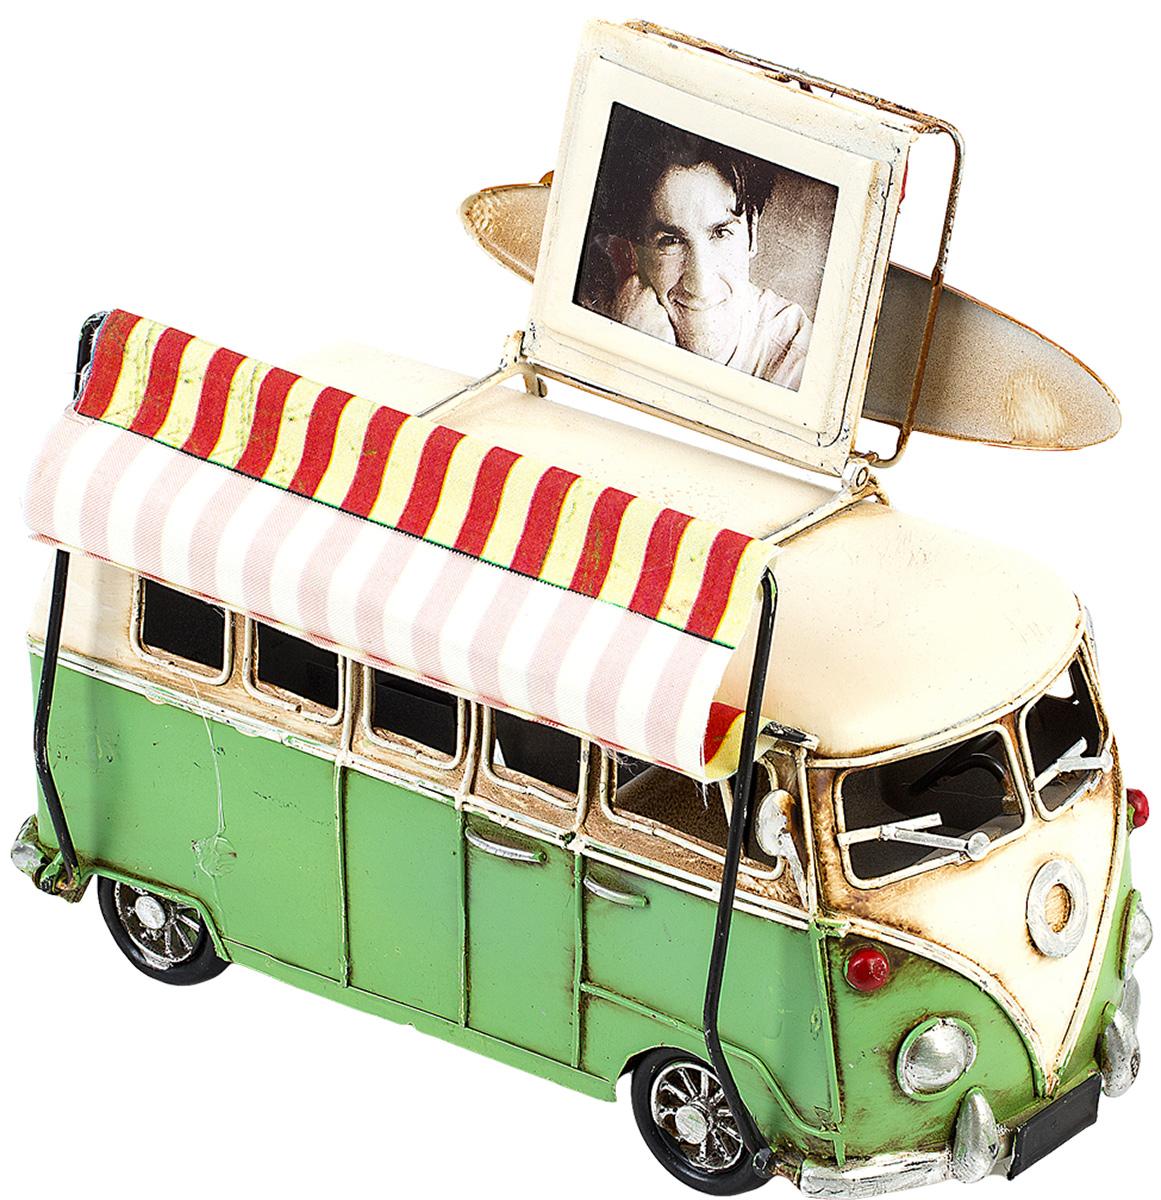 Модель Platinum Автобус, с фоторамкой. 1404E-43481404E-4348Модель Platinum Автобус, выполненная из металла, станет оригинальнымукрашением вашегоинтерьера. Вы можете поставить модель автобуса в любом месте, где онабудет удачно смотреться. Изделие дополнено фоторамкой, куда вы можете вставить вашу любимуюфотографию. Качество исполнения, точные детали и оригинальный дизайн выделяют этумодель среди ряда подобных. Модель займет достойное место в вашейколлекции, а также приятно удивит получателя в качестве стильного сувенира. Размер фотографии: 4 х 5 см.